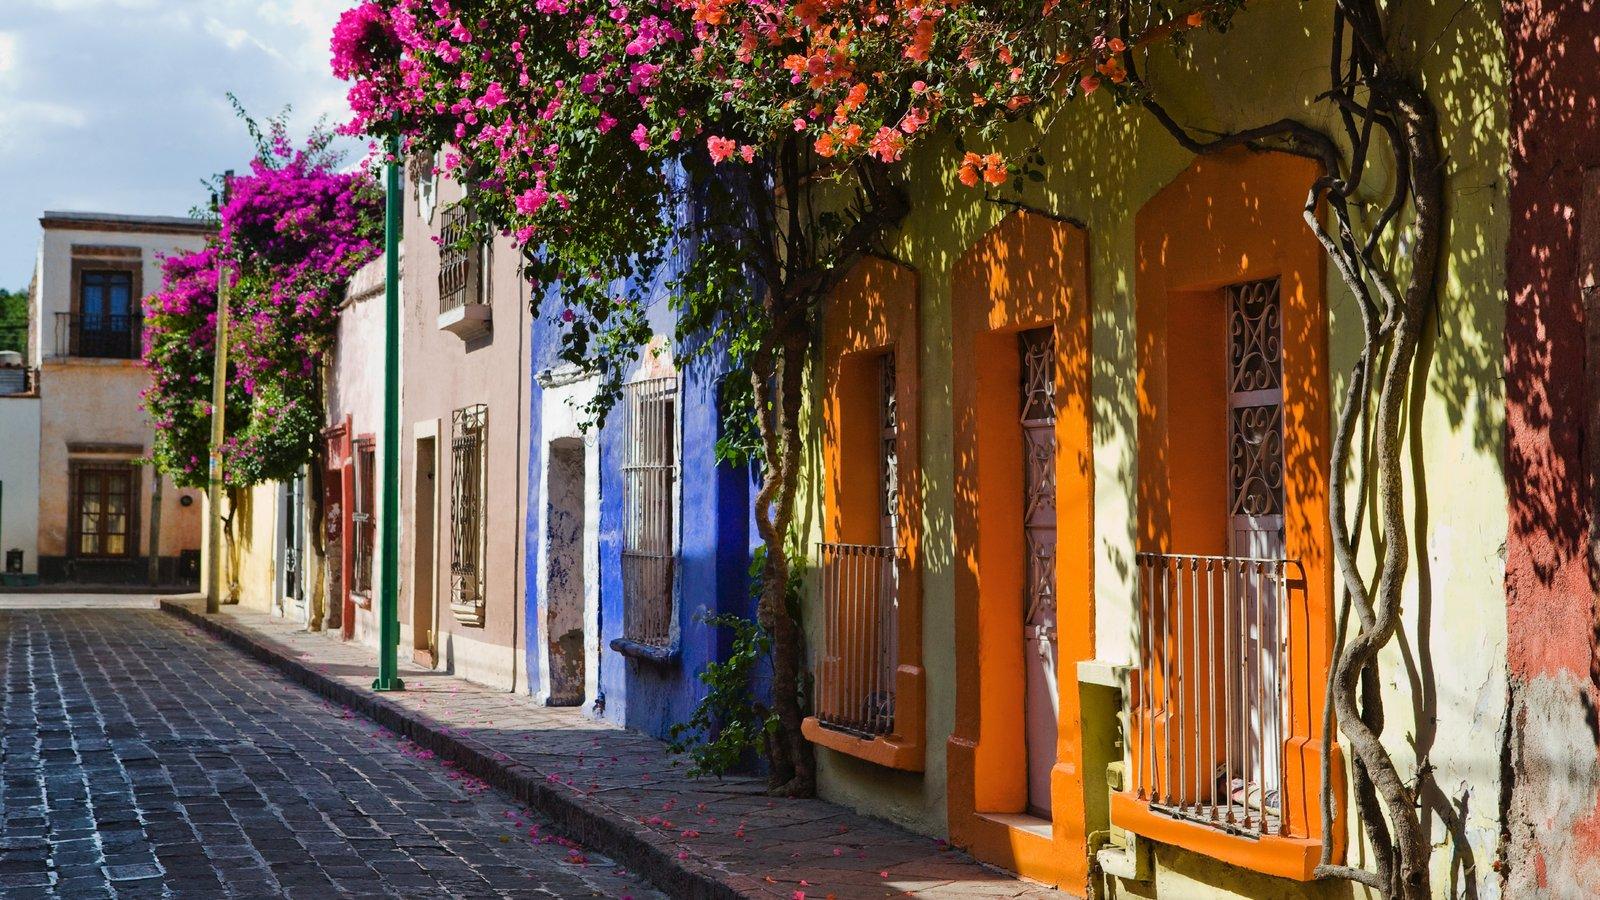 Querétaro ofreciendo escenas urbanas, flores y patrimonio de arquitectura